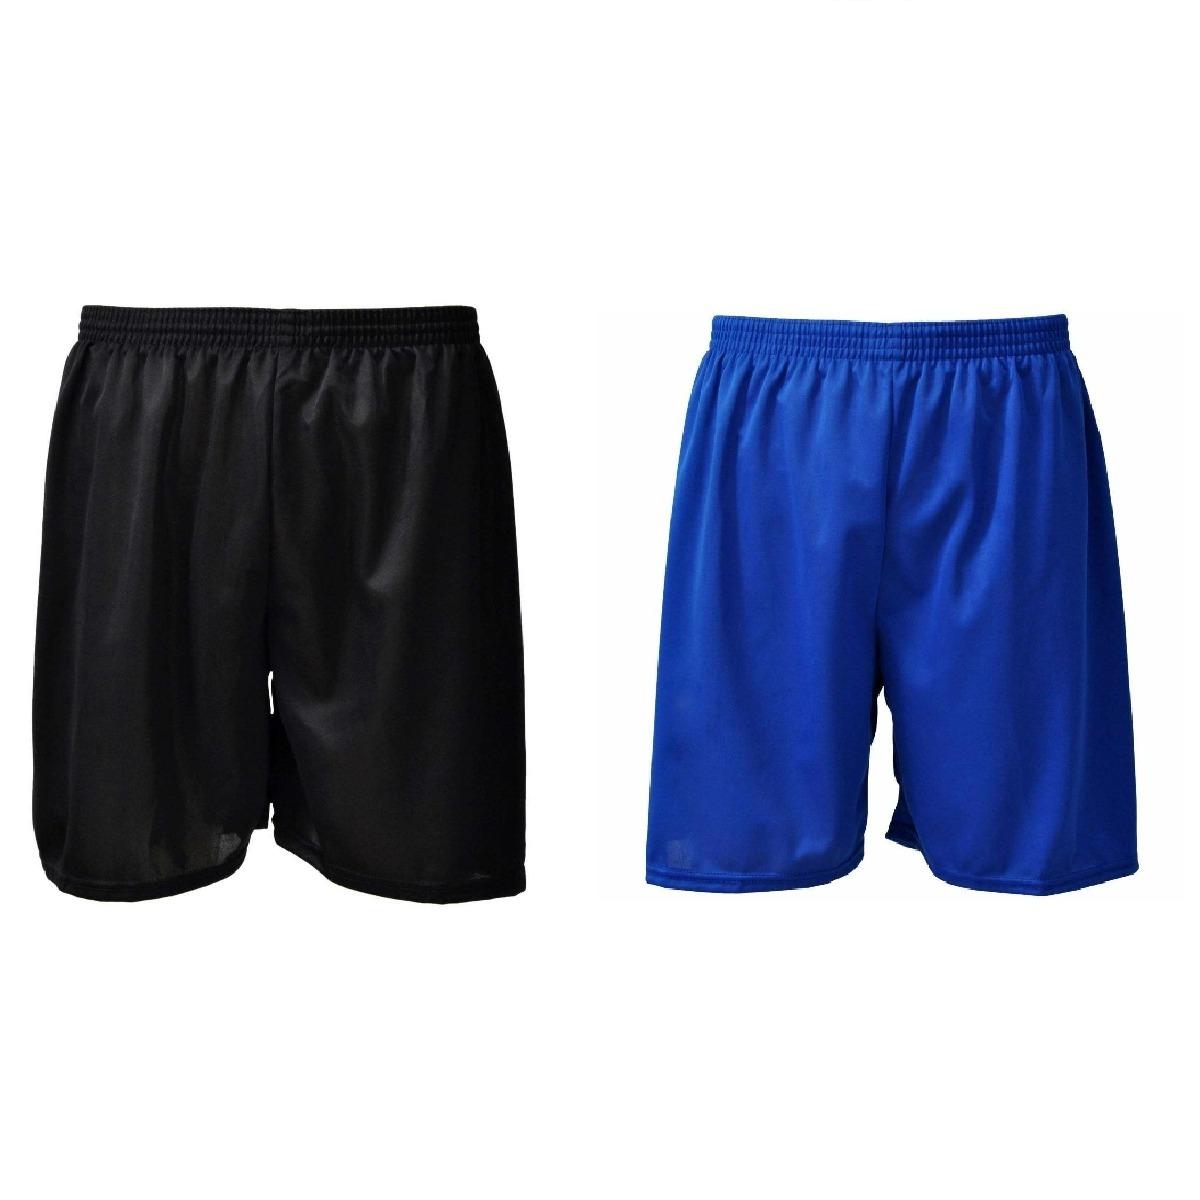 d33726e70f88e short futebol jogador com rede proteção poliéster kit 2 uni. Carregando  zoom.